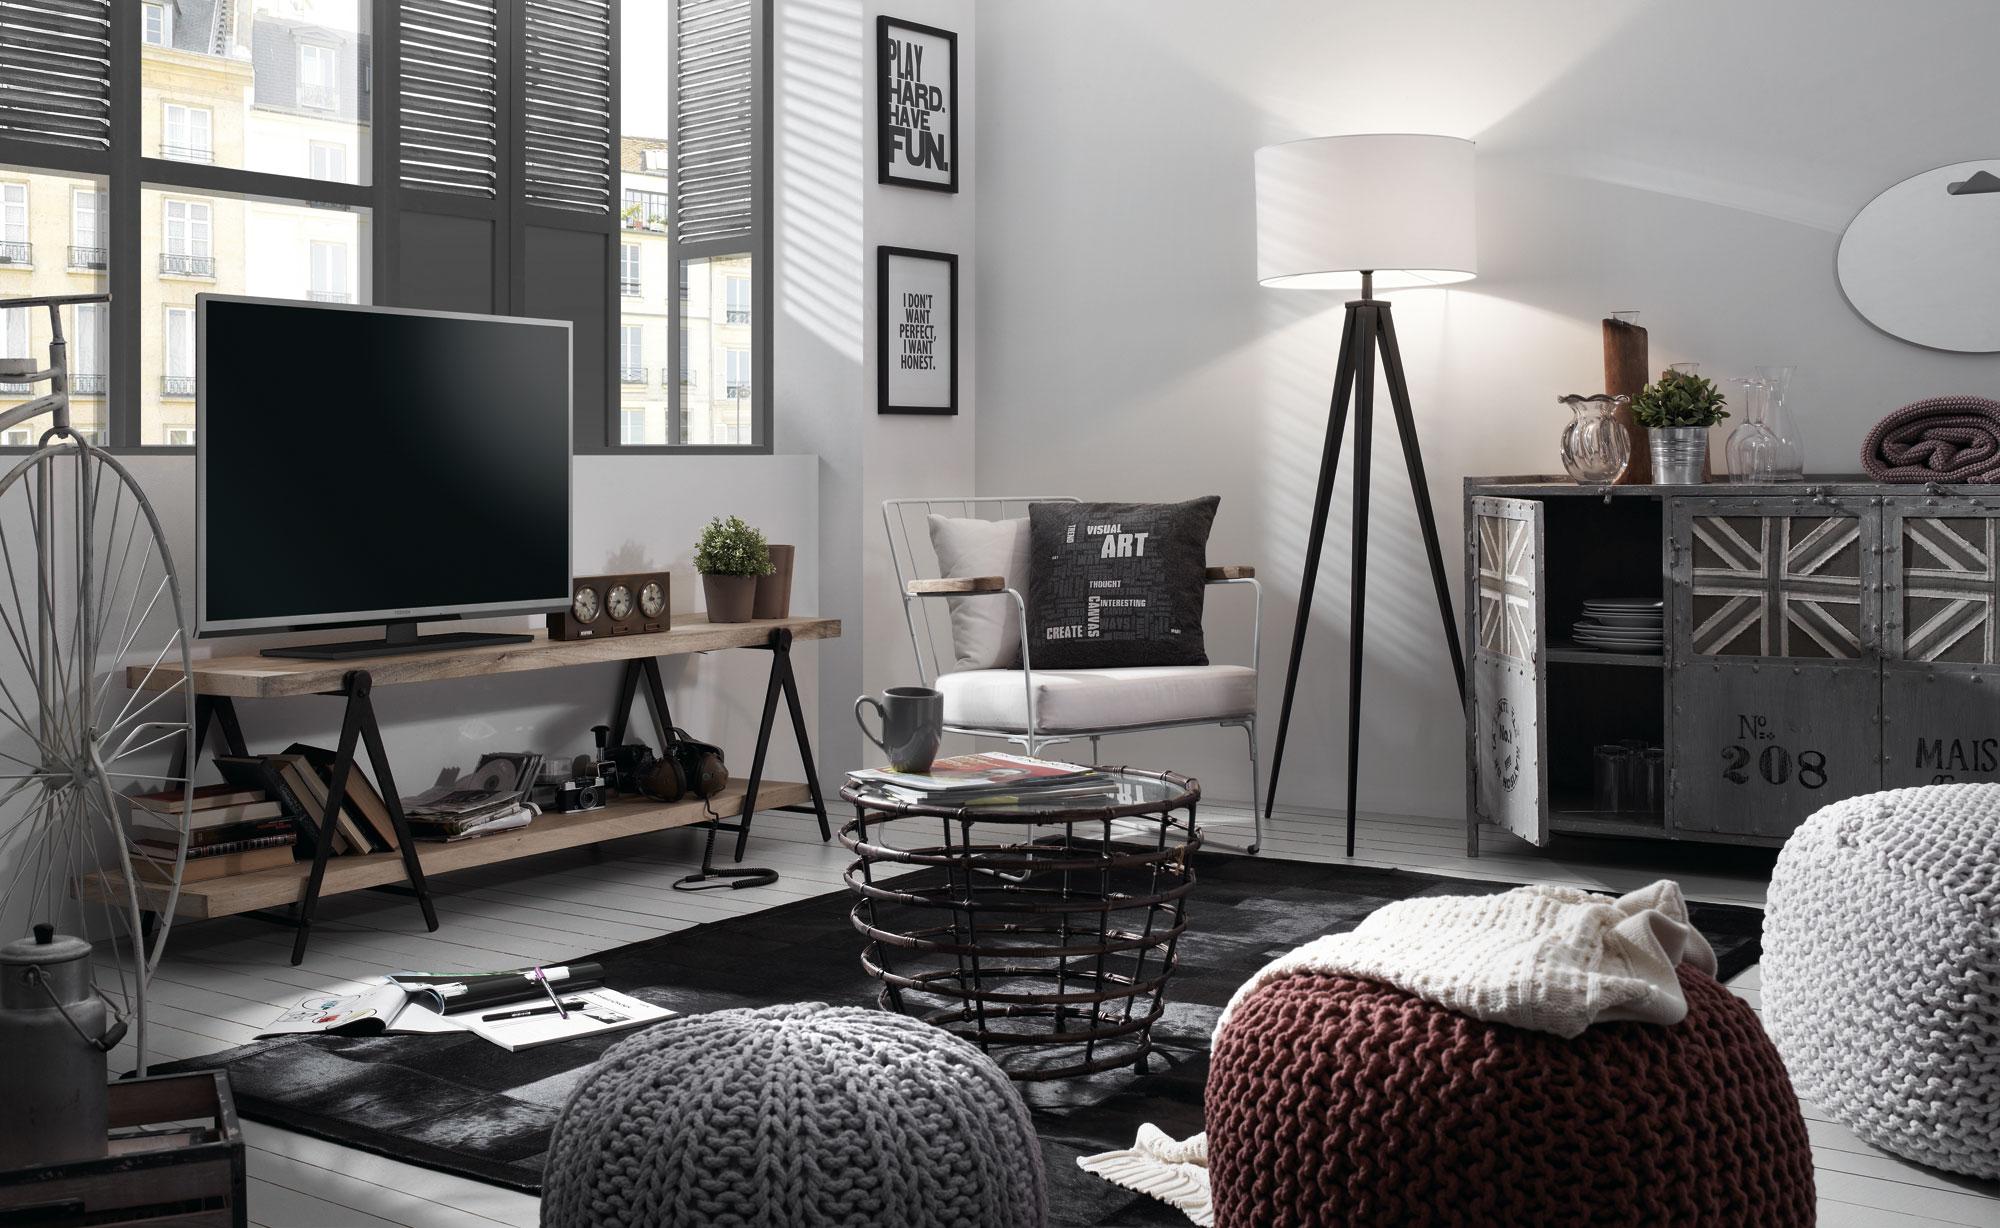 Revista muebles mobiliario de dise o for Habitacion decoracion industrial